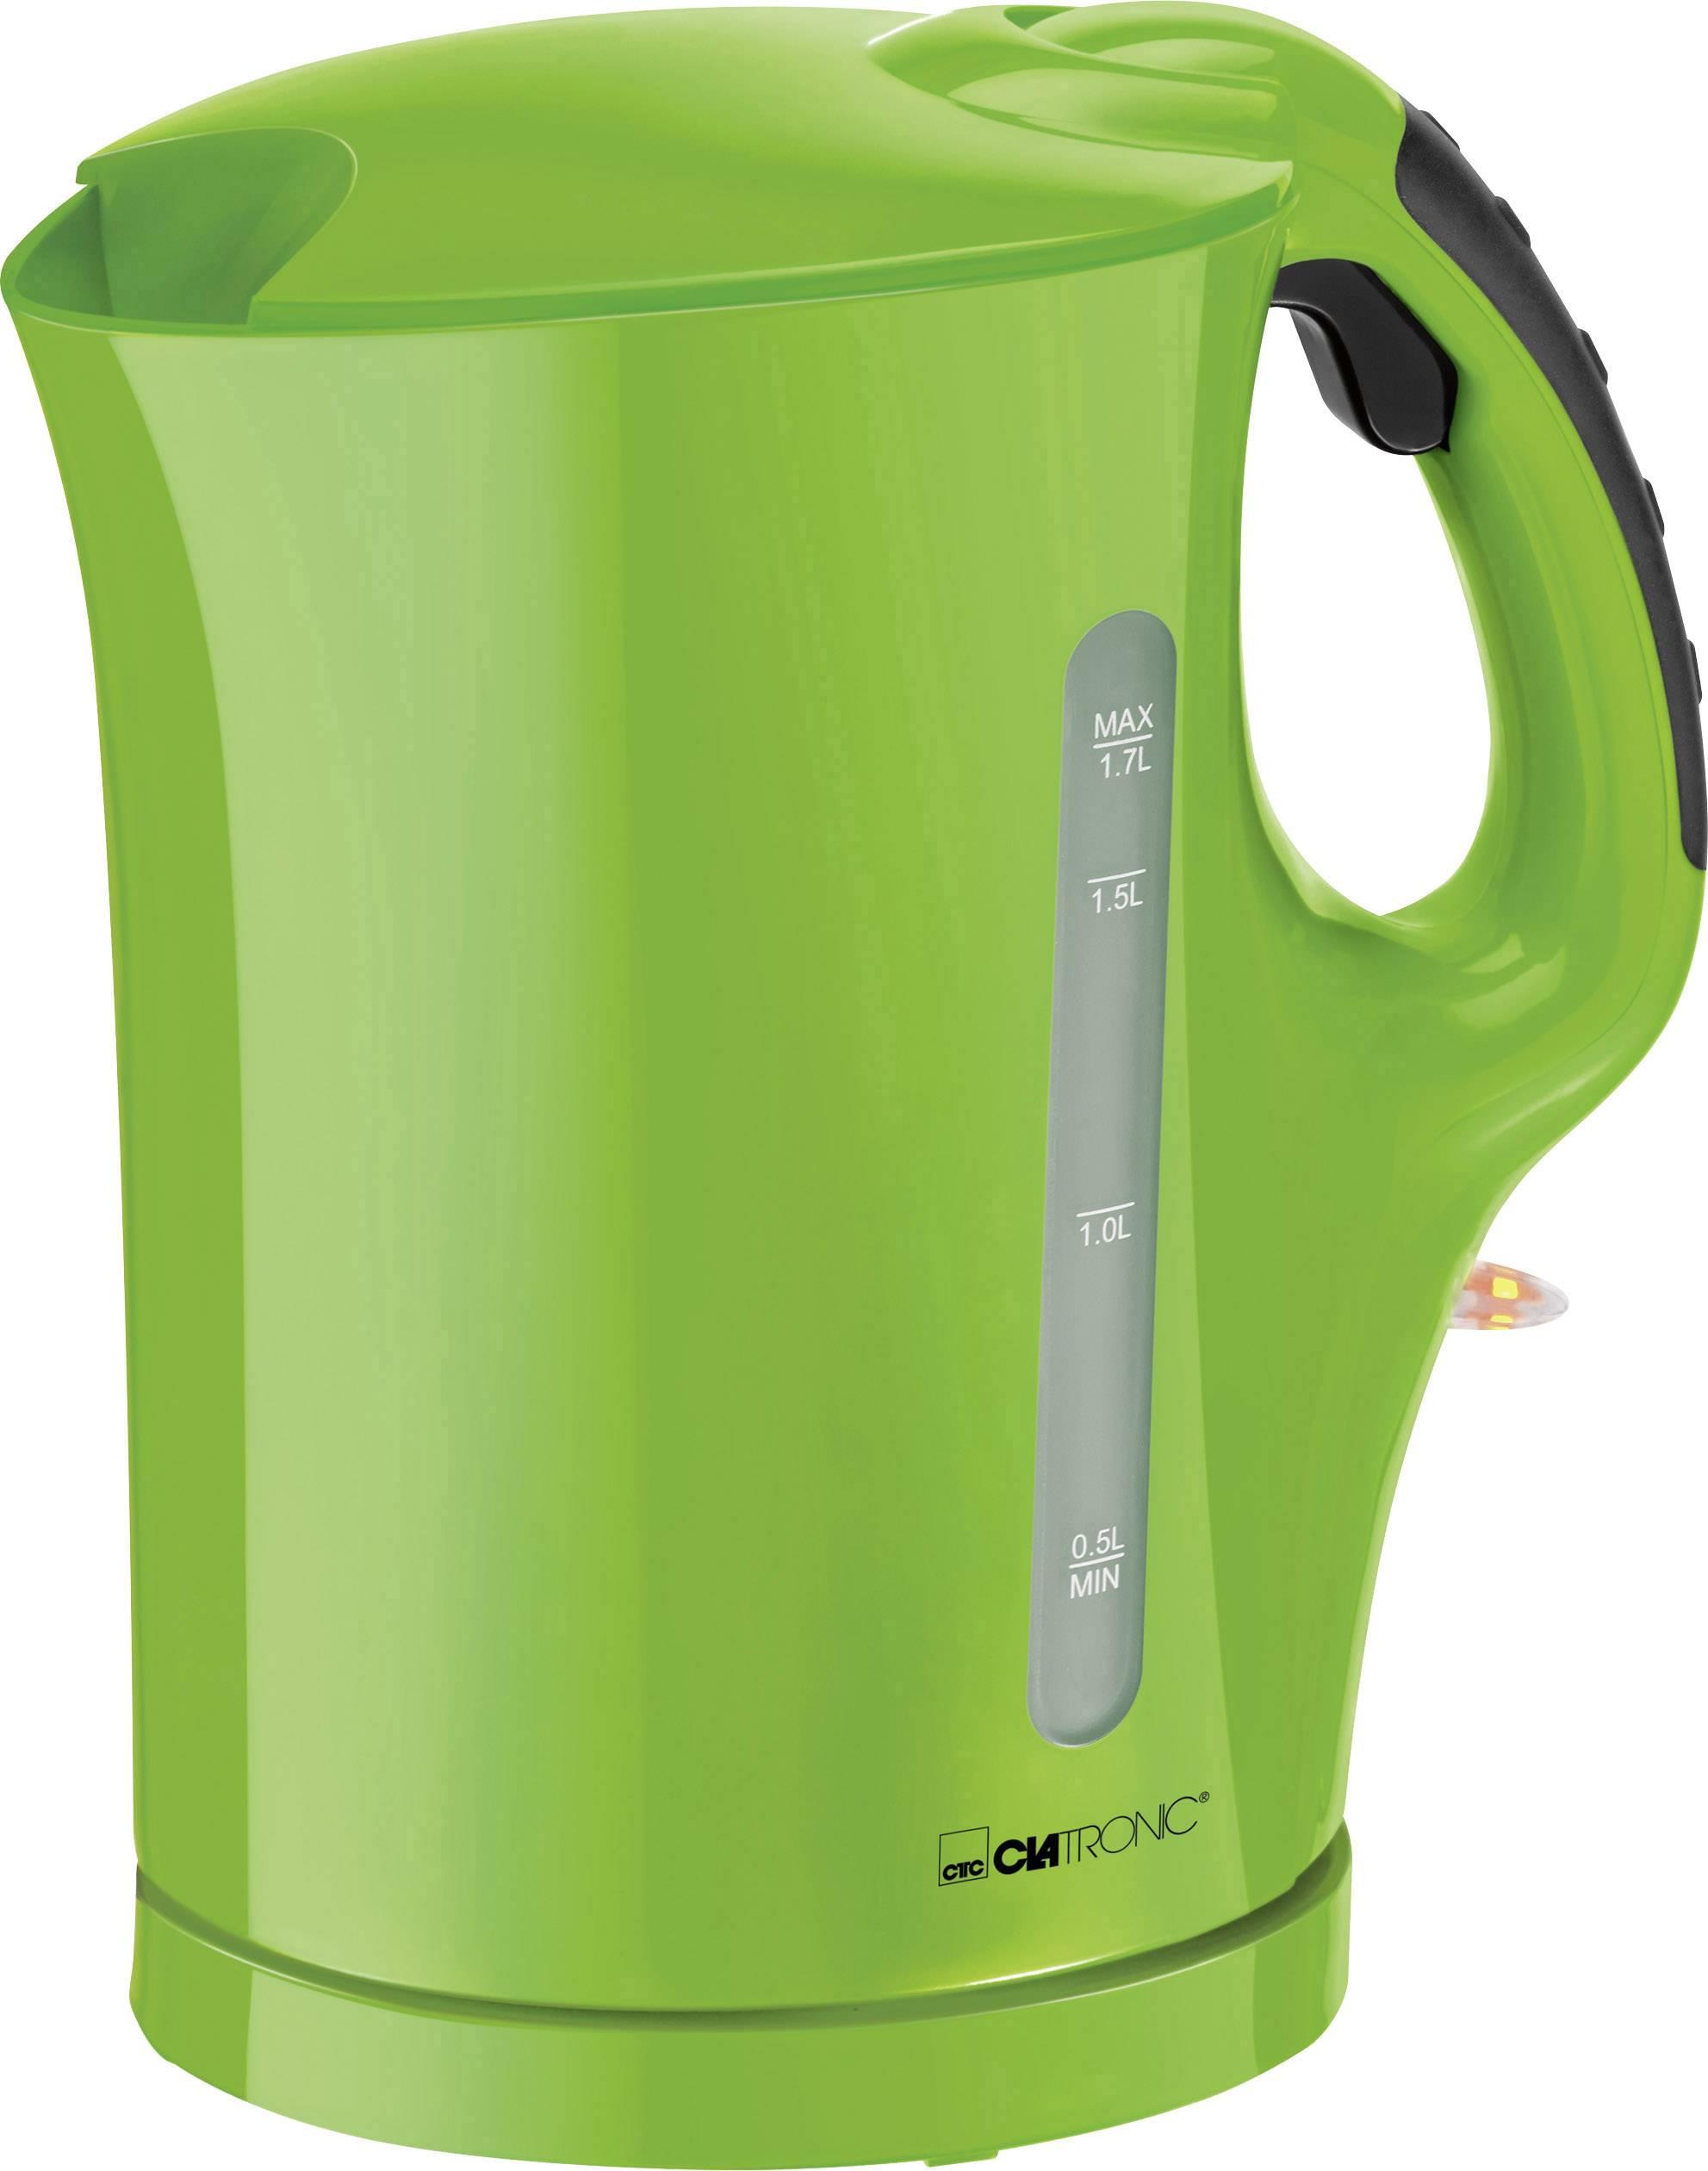 Rychlovarná konvice Clatronic WK 3445 263672, 2200 W, 1.7 l, zelená